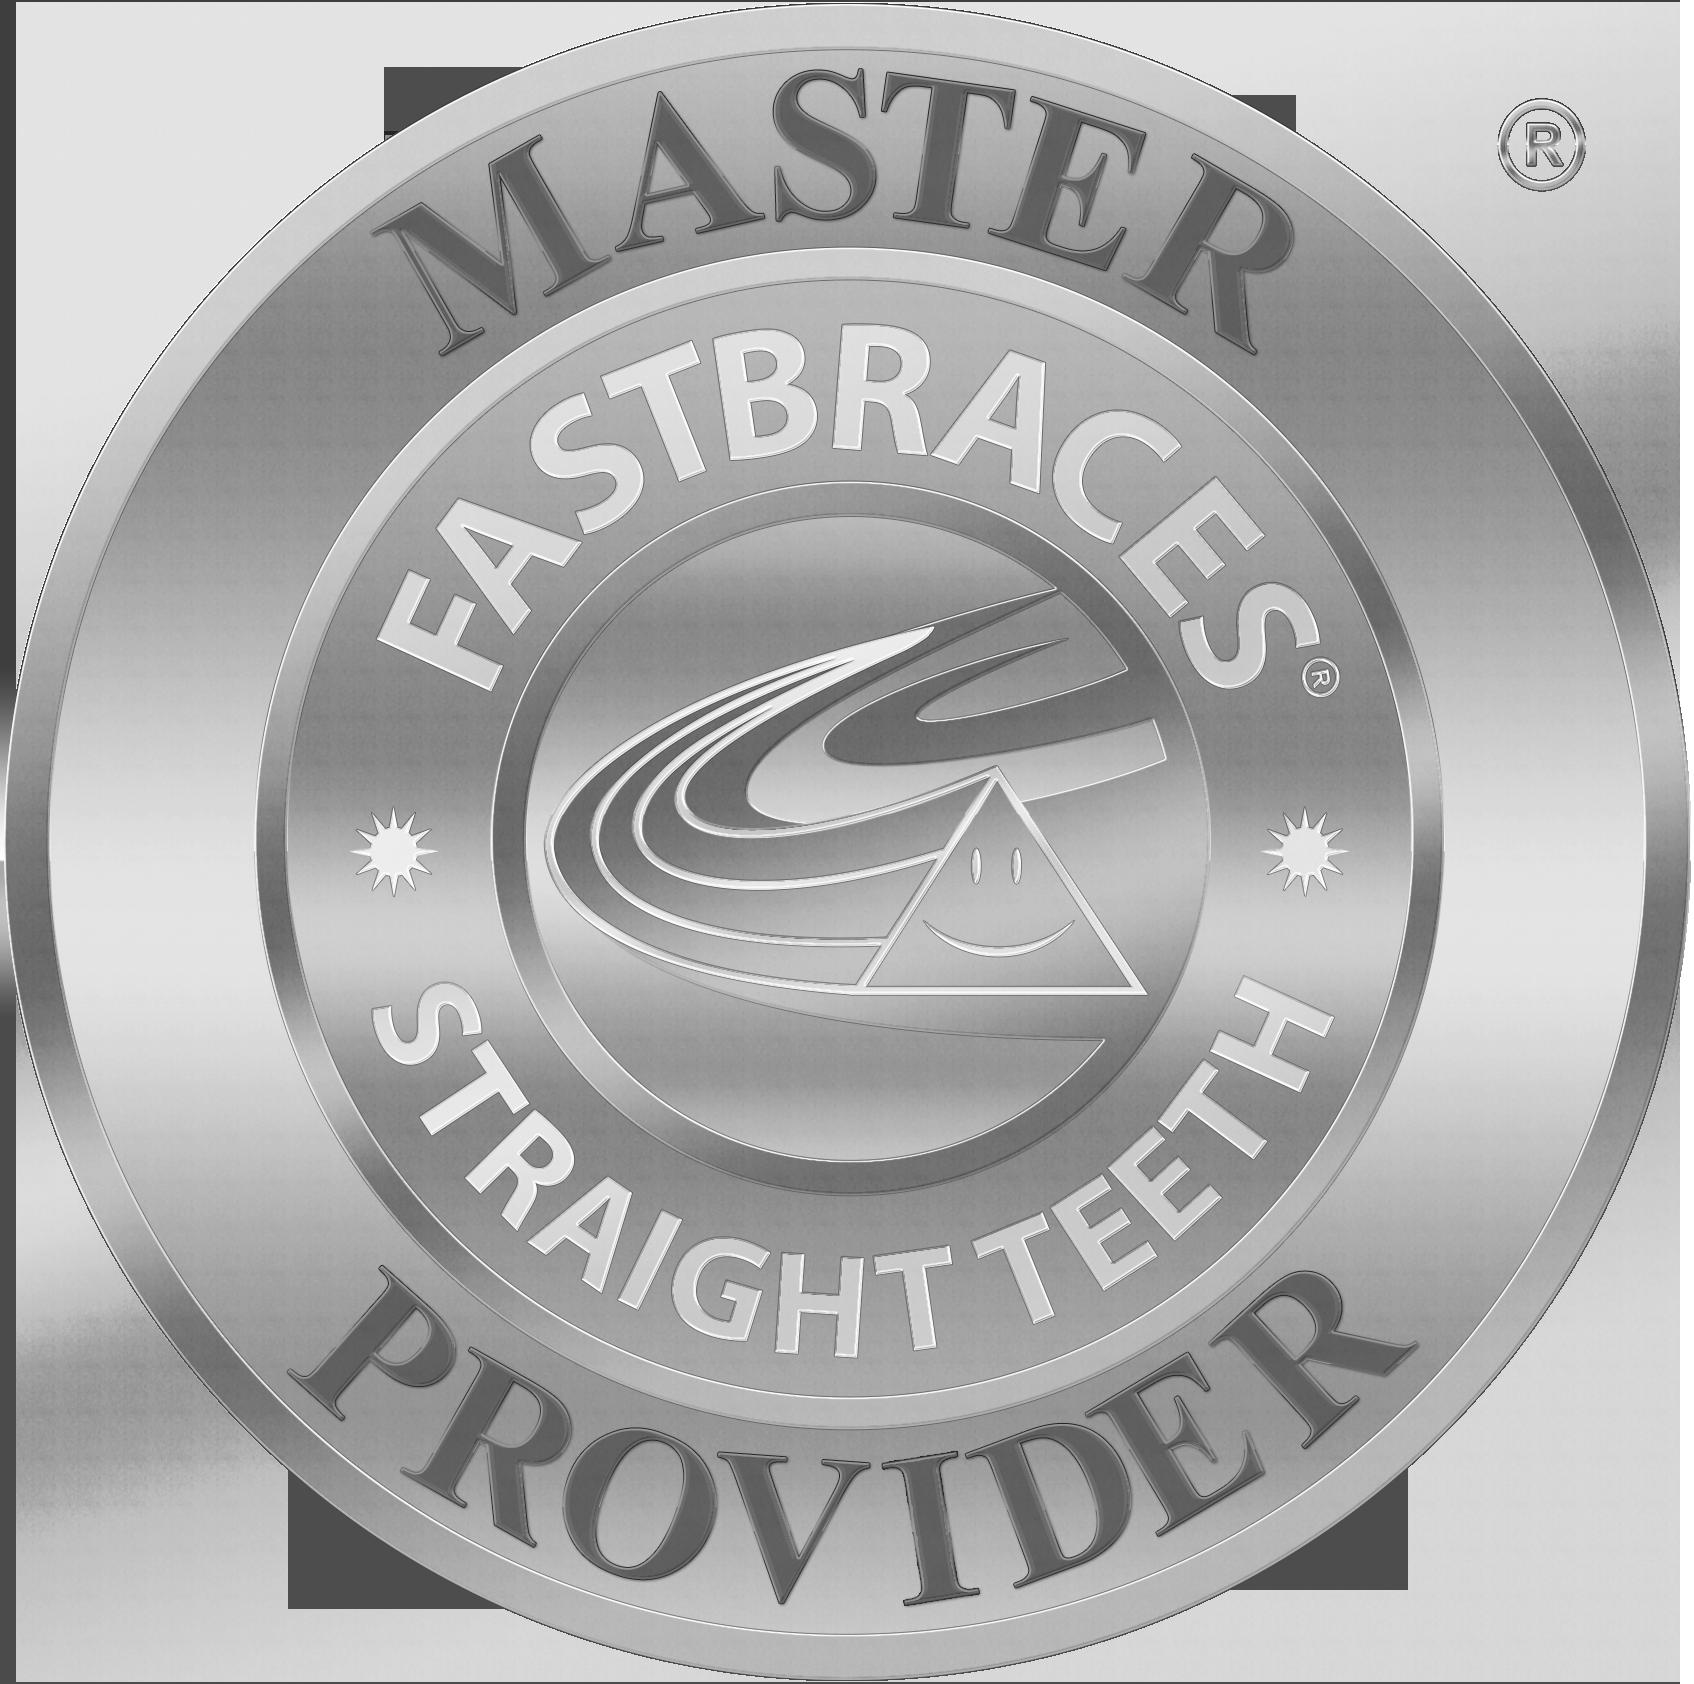 West Midlands Master Provider of FastBraces